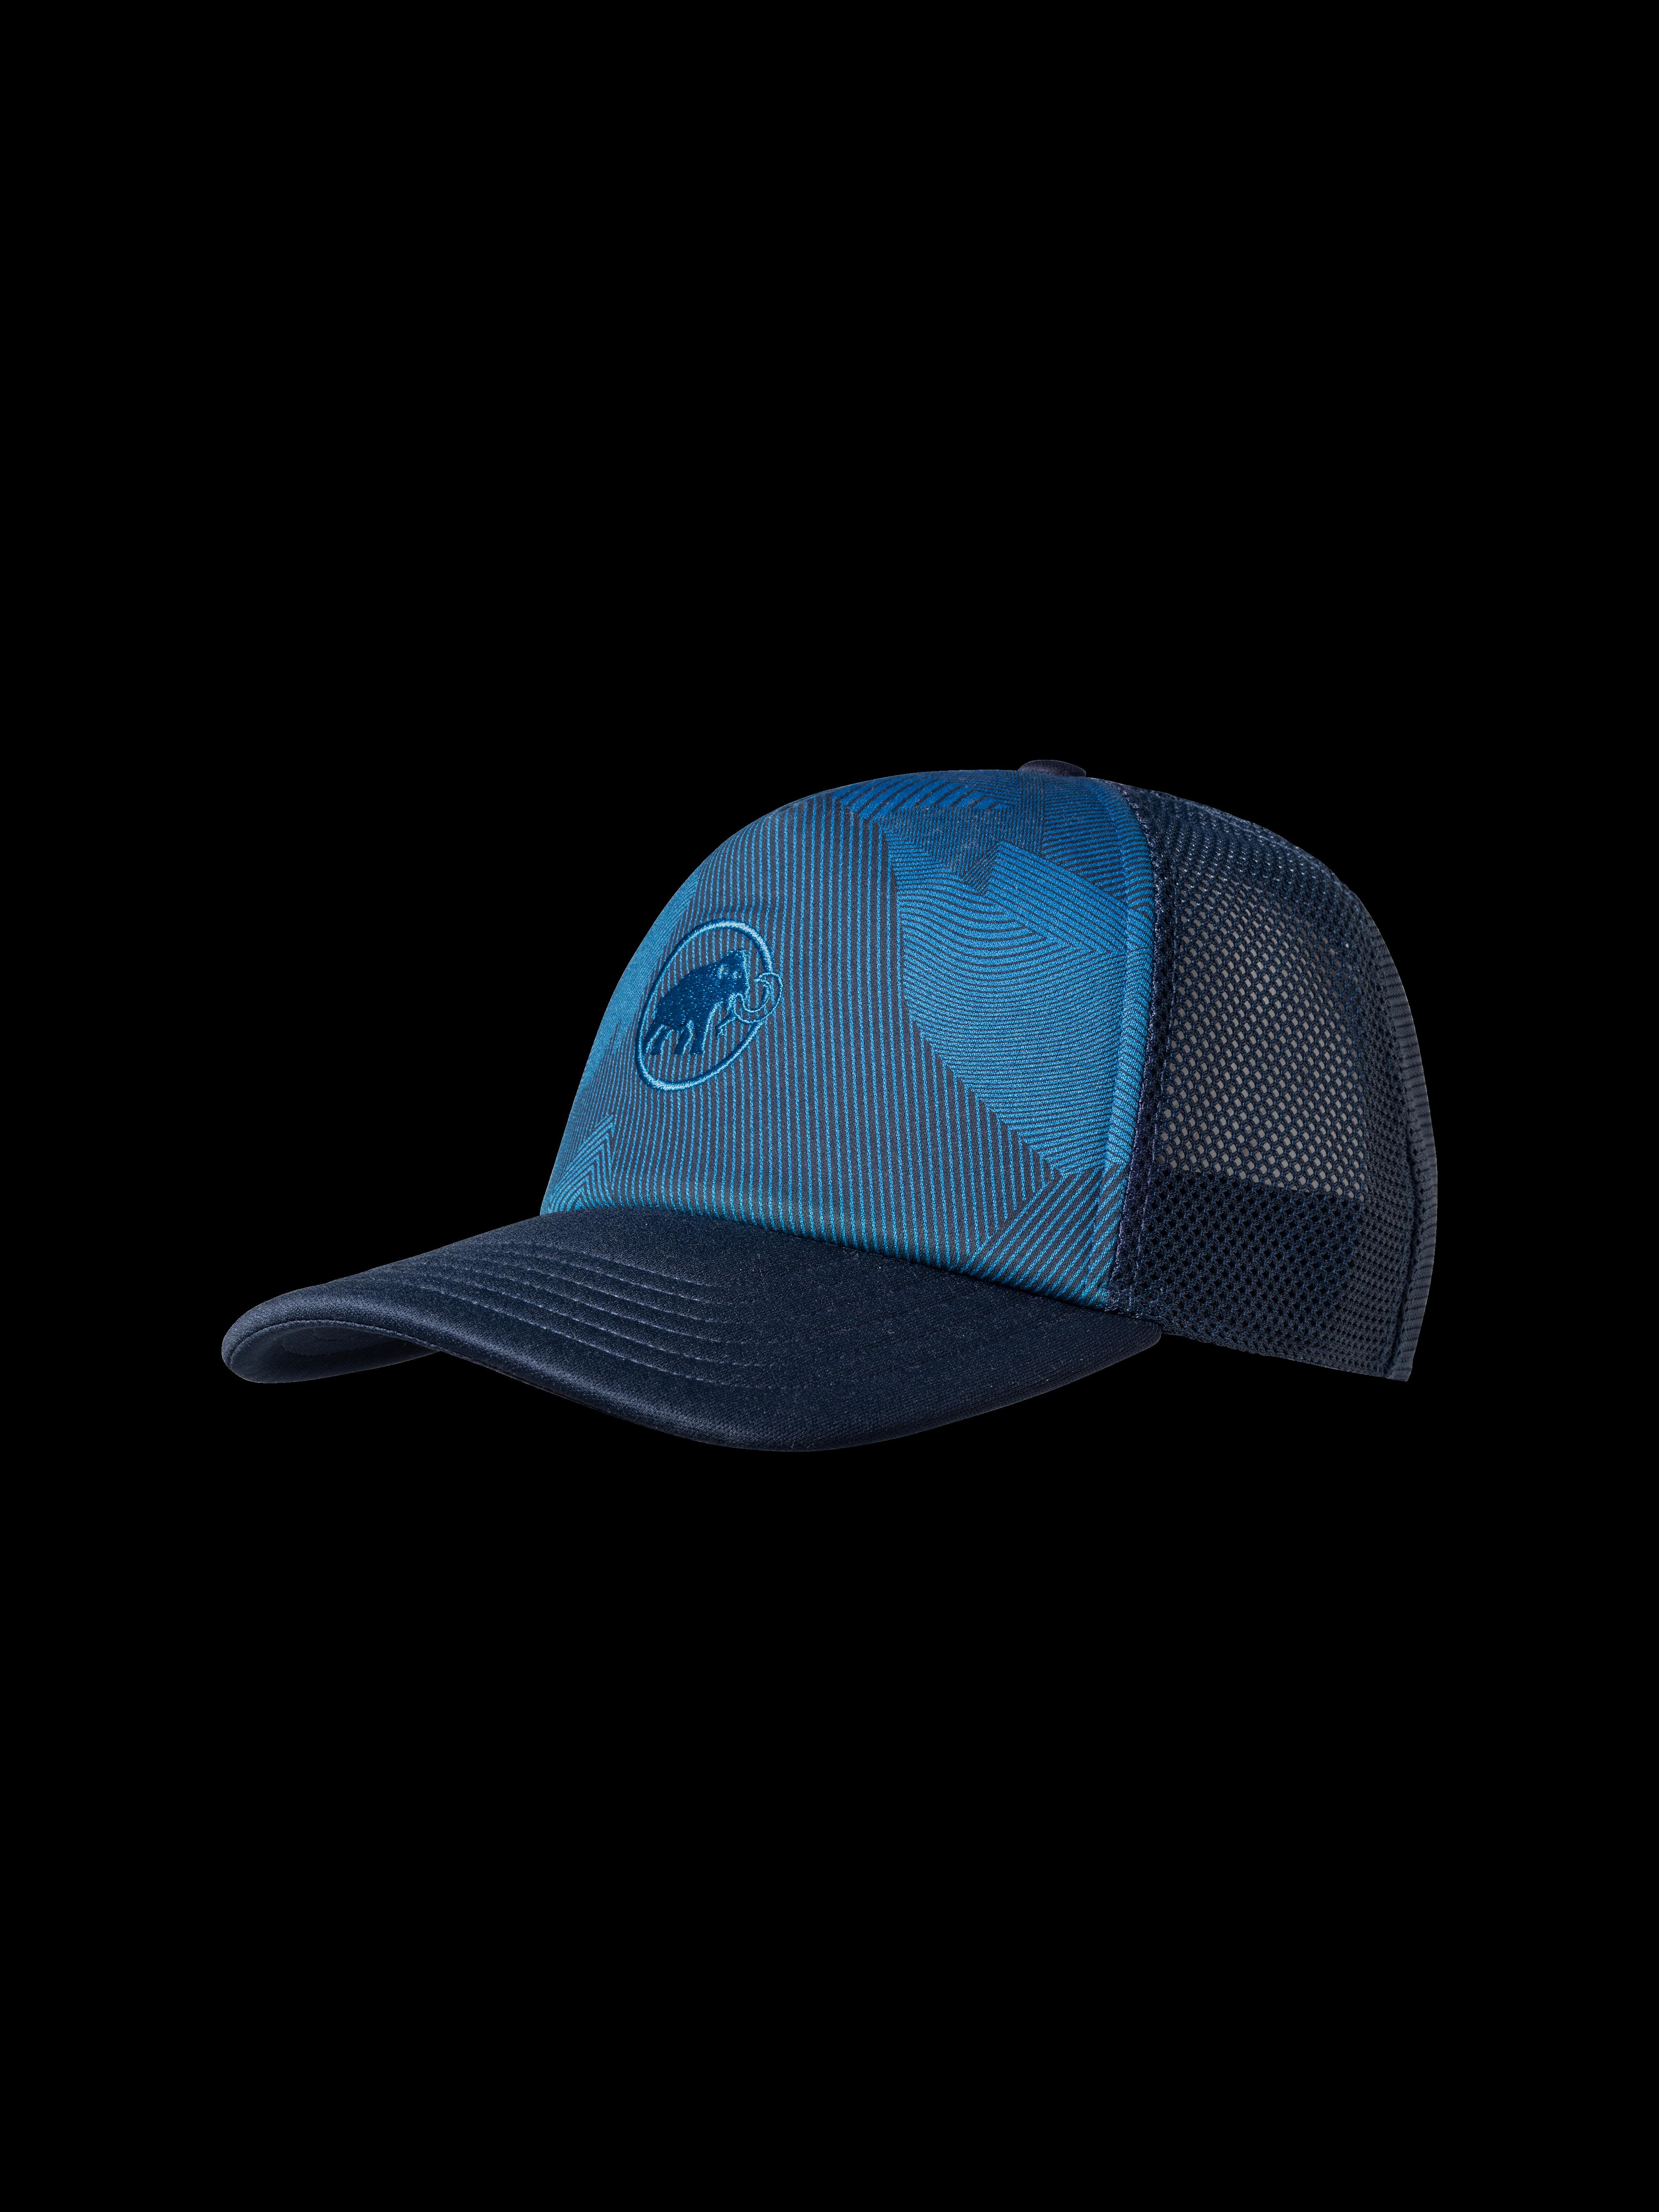 Crag Cap product image